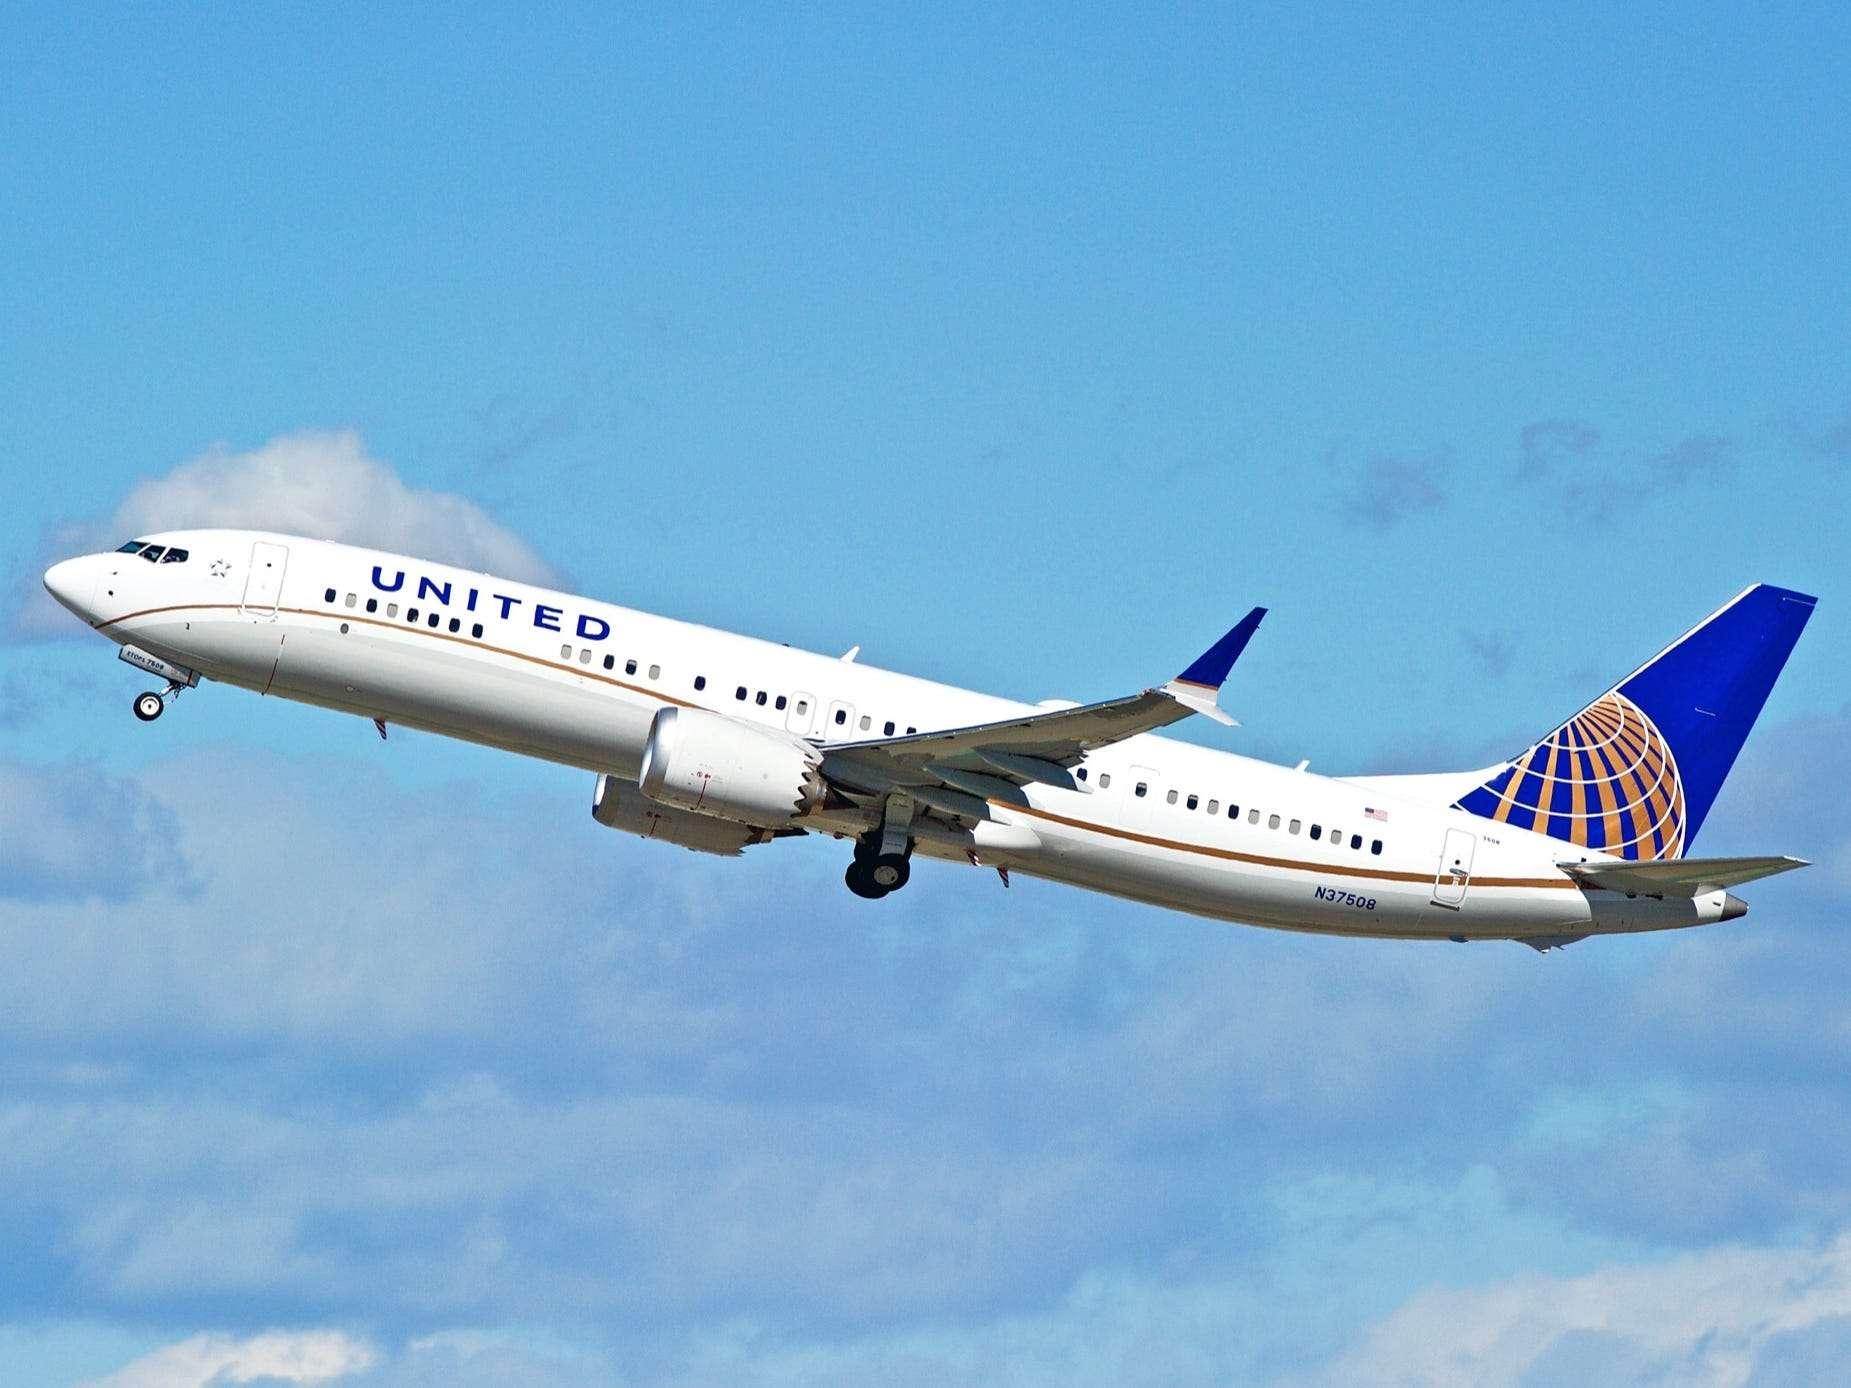 Las aerolíneas estadounidenses están permitiendo a los pasajeros evitar el Boeing 737 Max cuando regrese a los cielos en los próximos meses; vea cómo